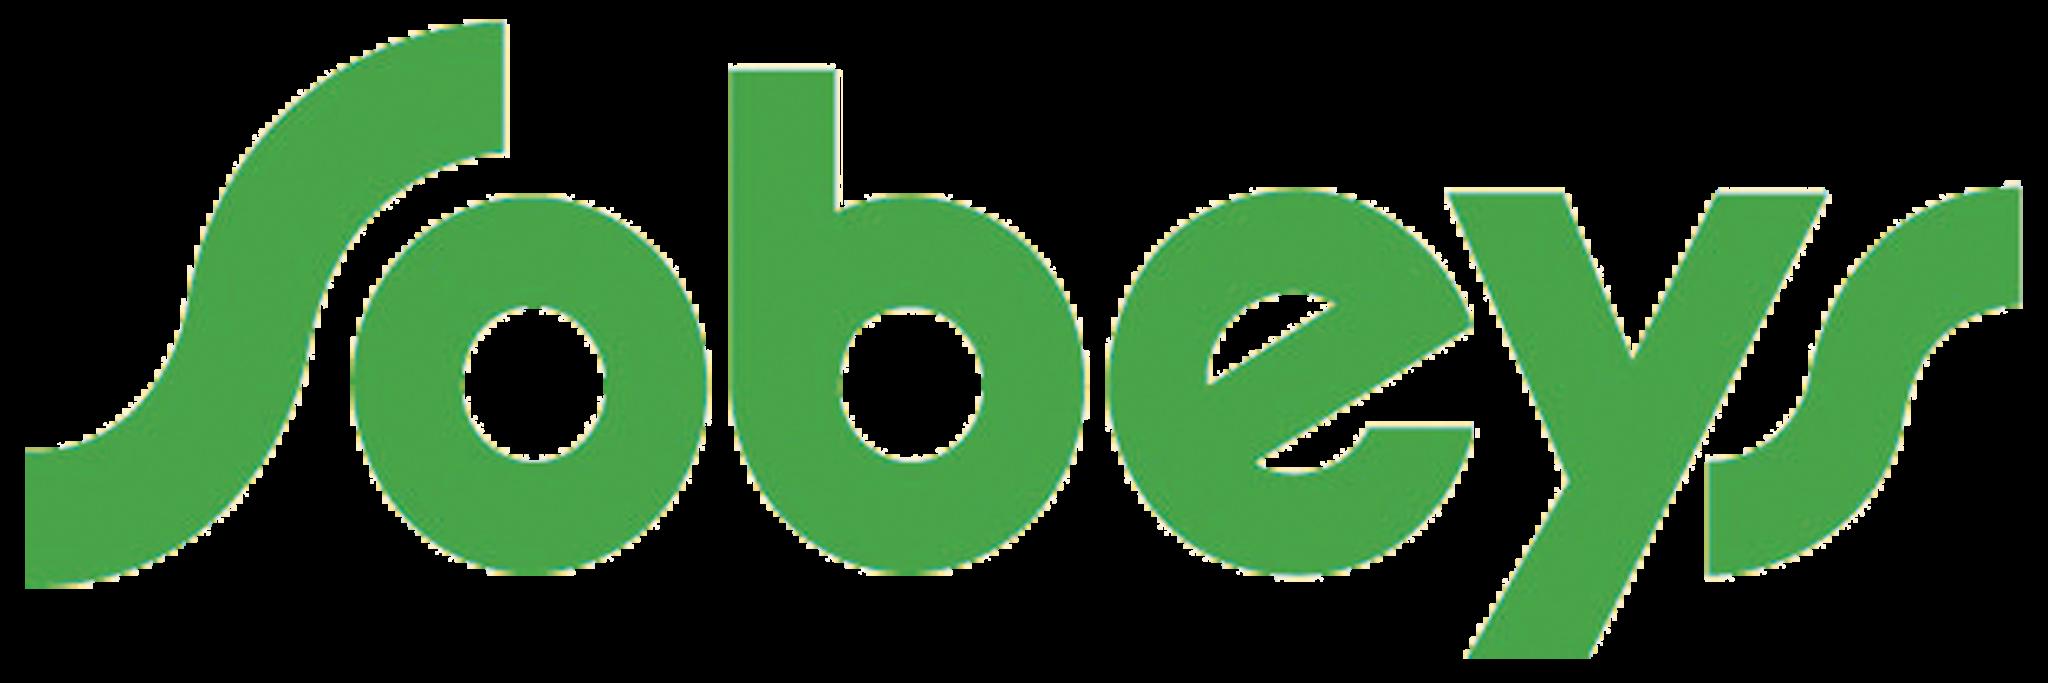 Sobeys-no-dots